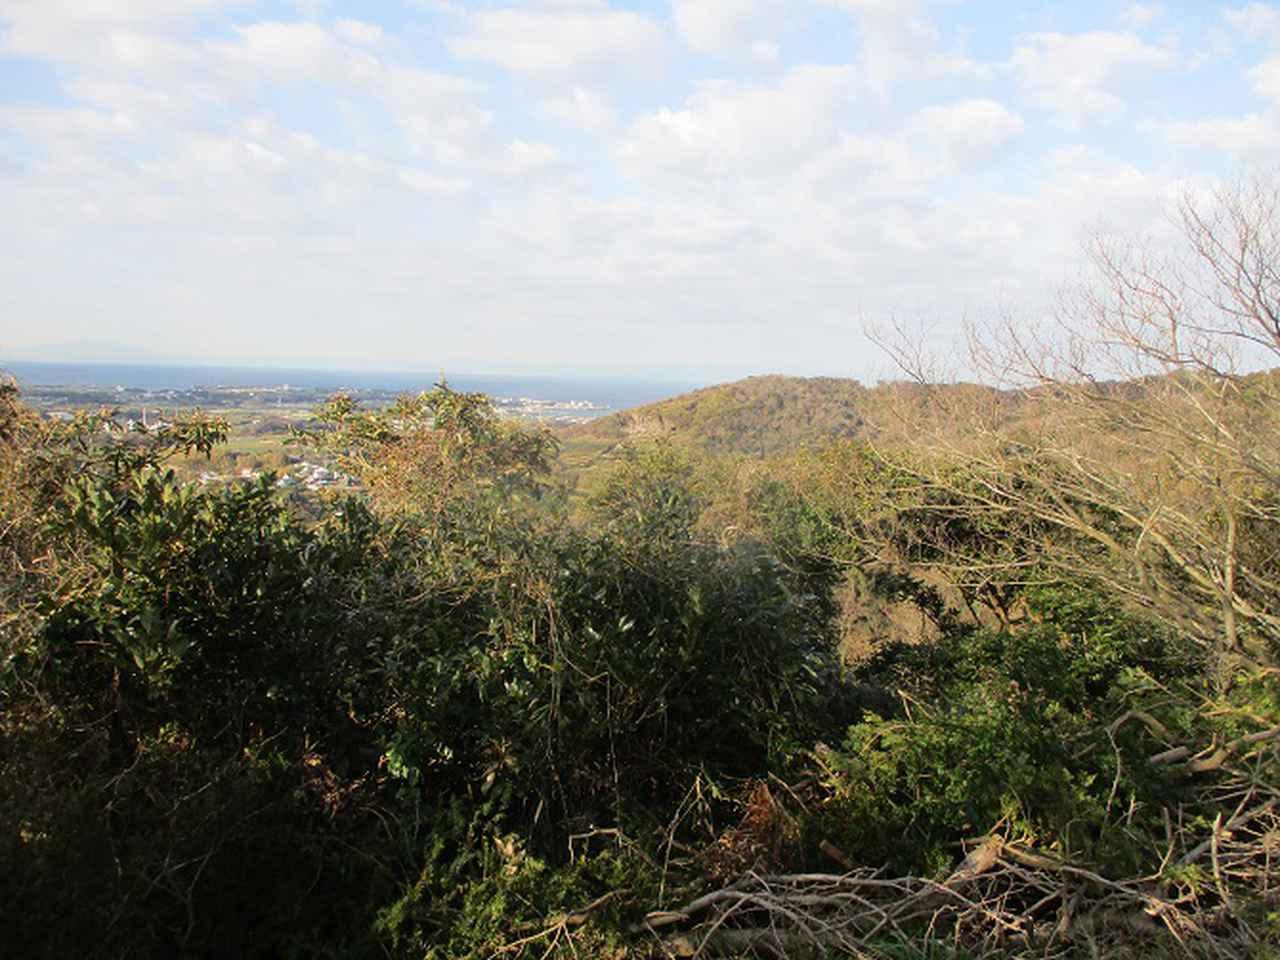 画像5: 2月の山旅会 三浦富士 の下見に行ってきました!